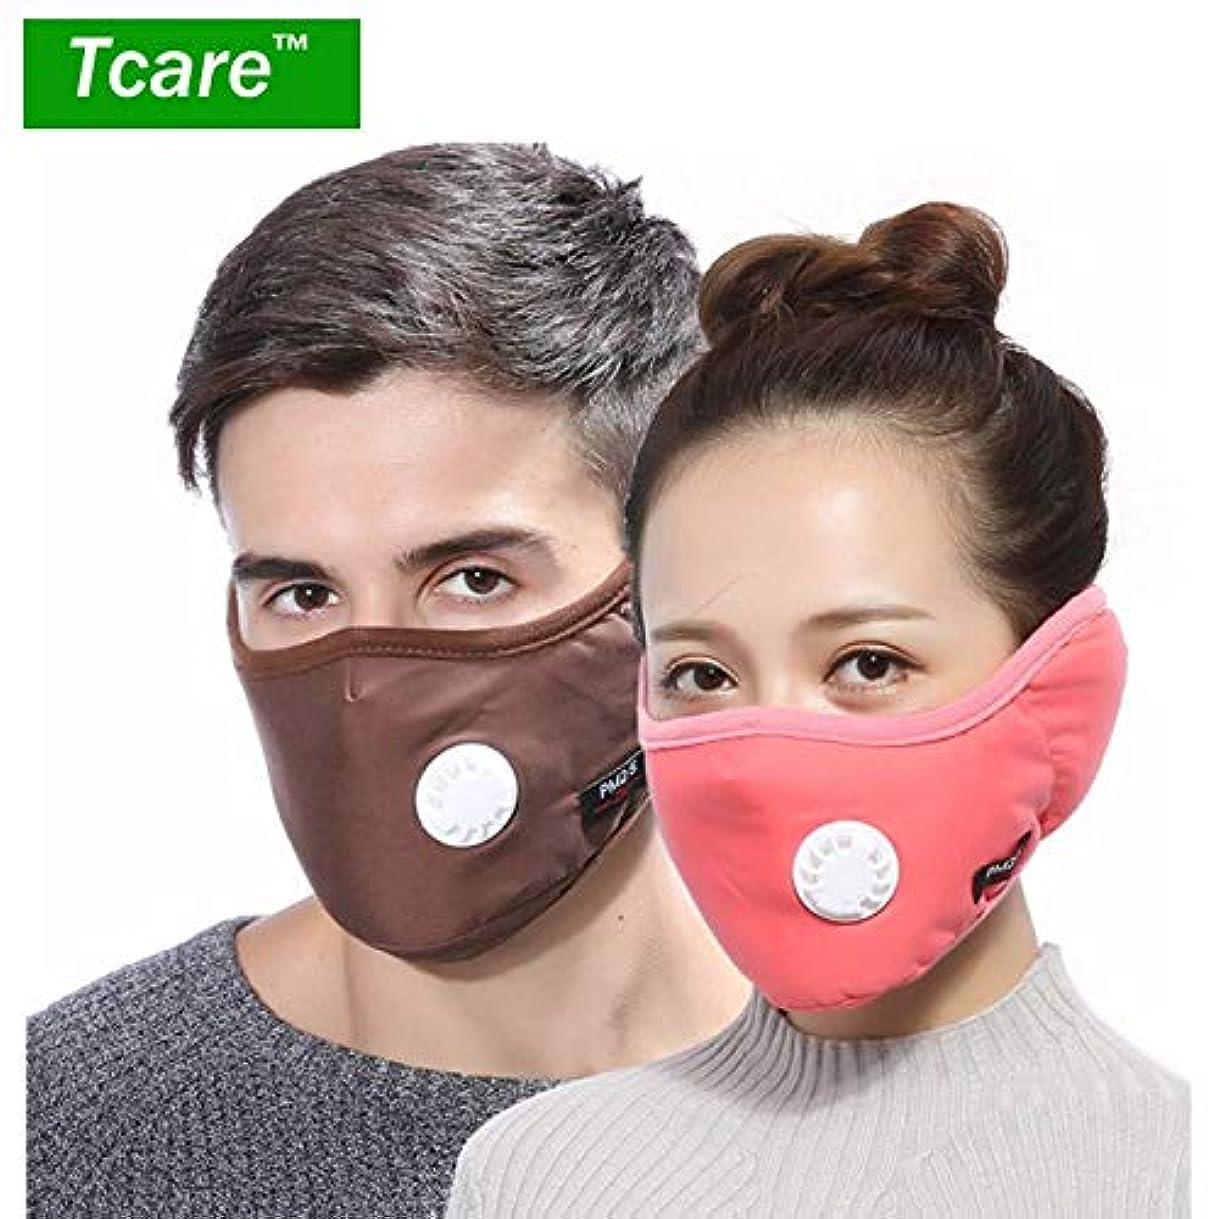 うなずくお酢ディスコ7グレー:1 PM2.5マスクバルブコットンアンチダスト口マスクの冬のイヤーマフActtedフィルター付マスクでTcare 2